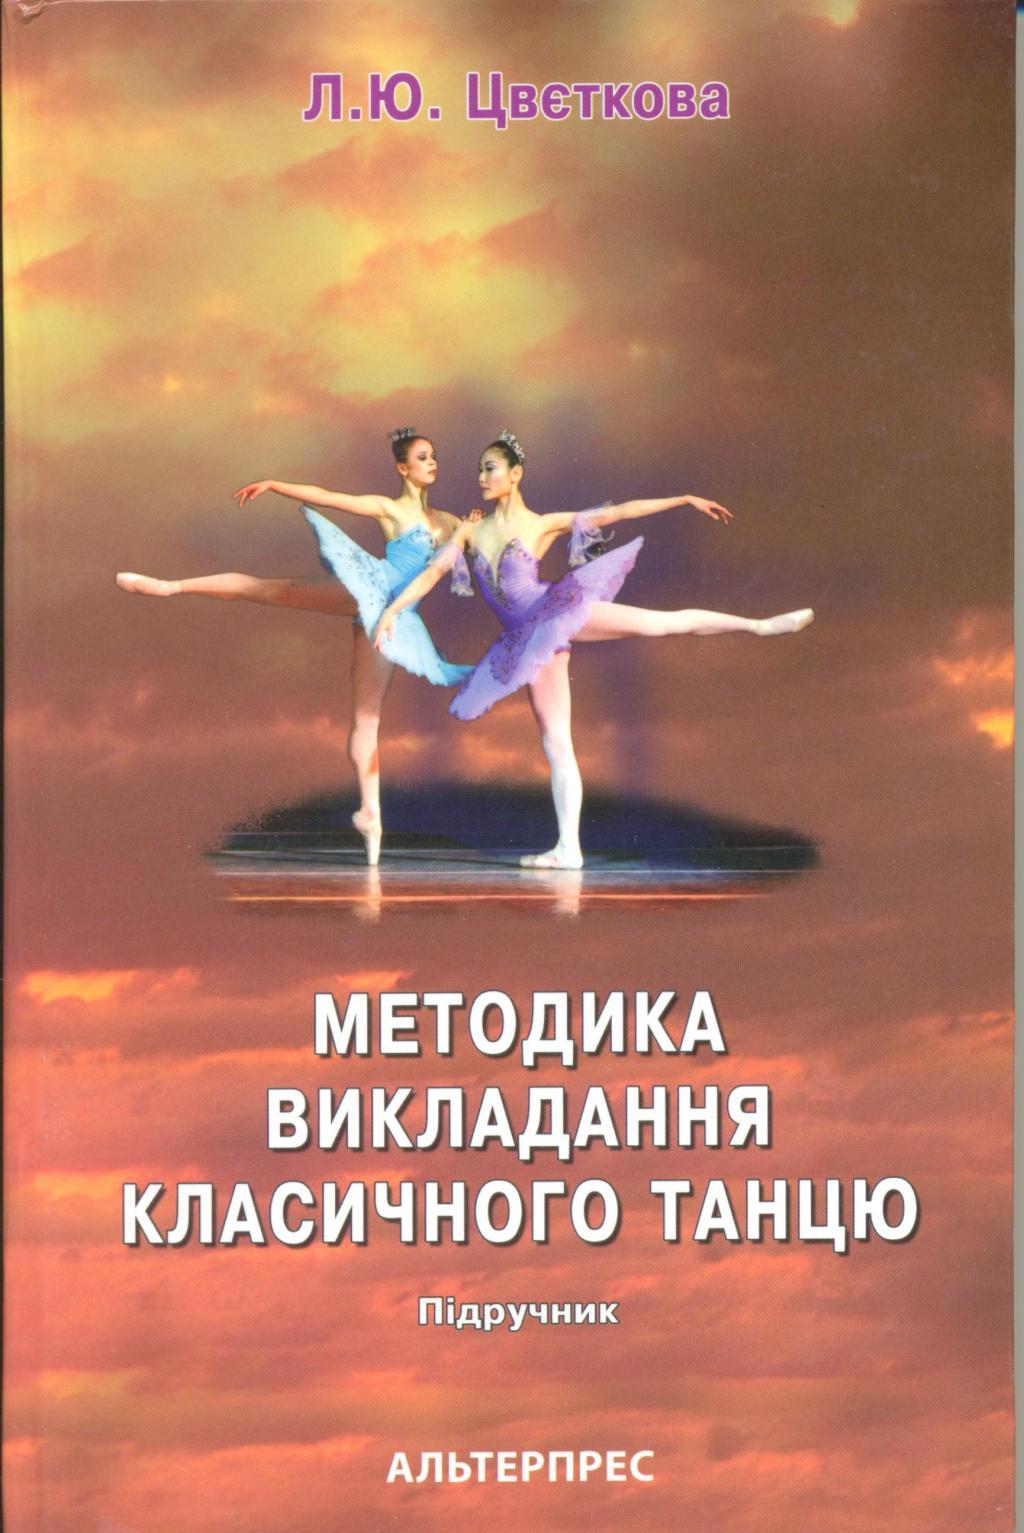 цветкова методика викладання класичного танцю